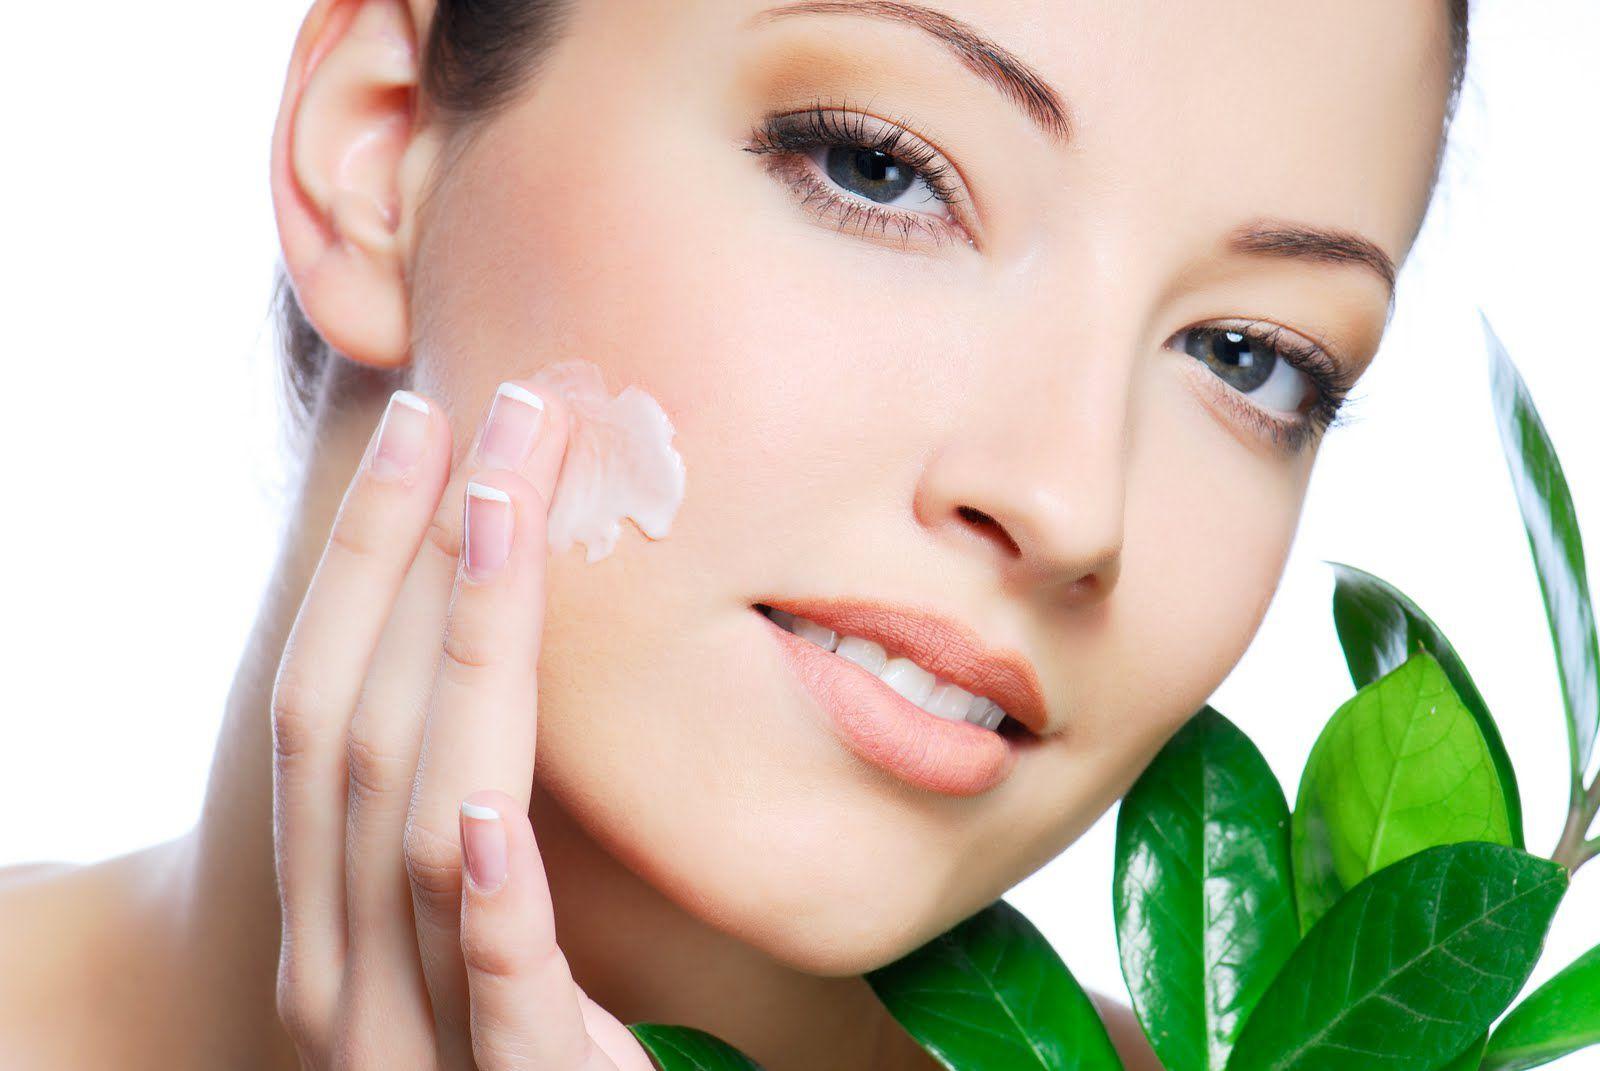 cuidado-com-a-pele Dia da noiva: como preparar a pele para maquiagem